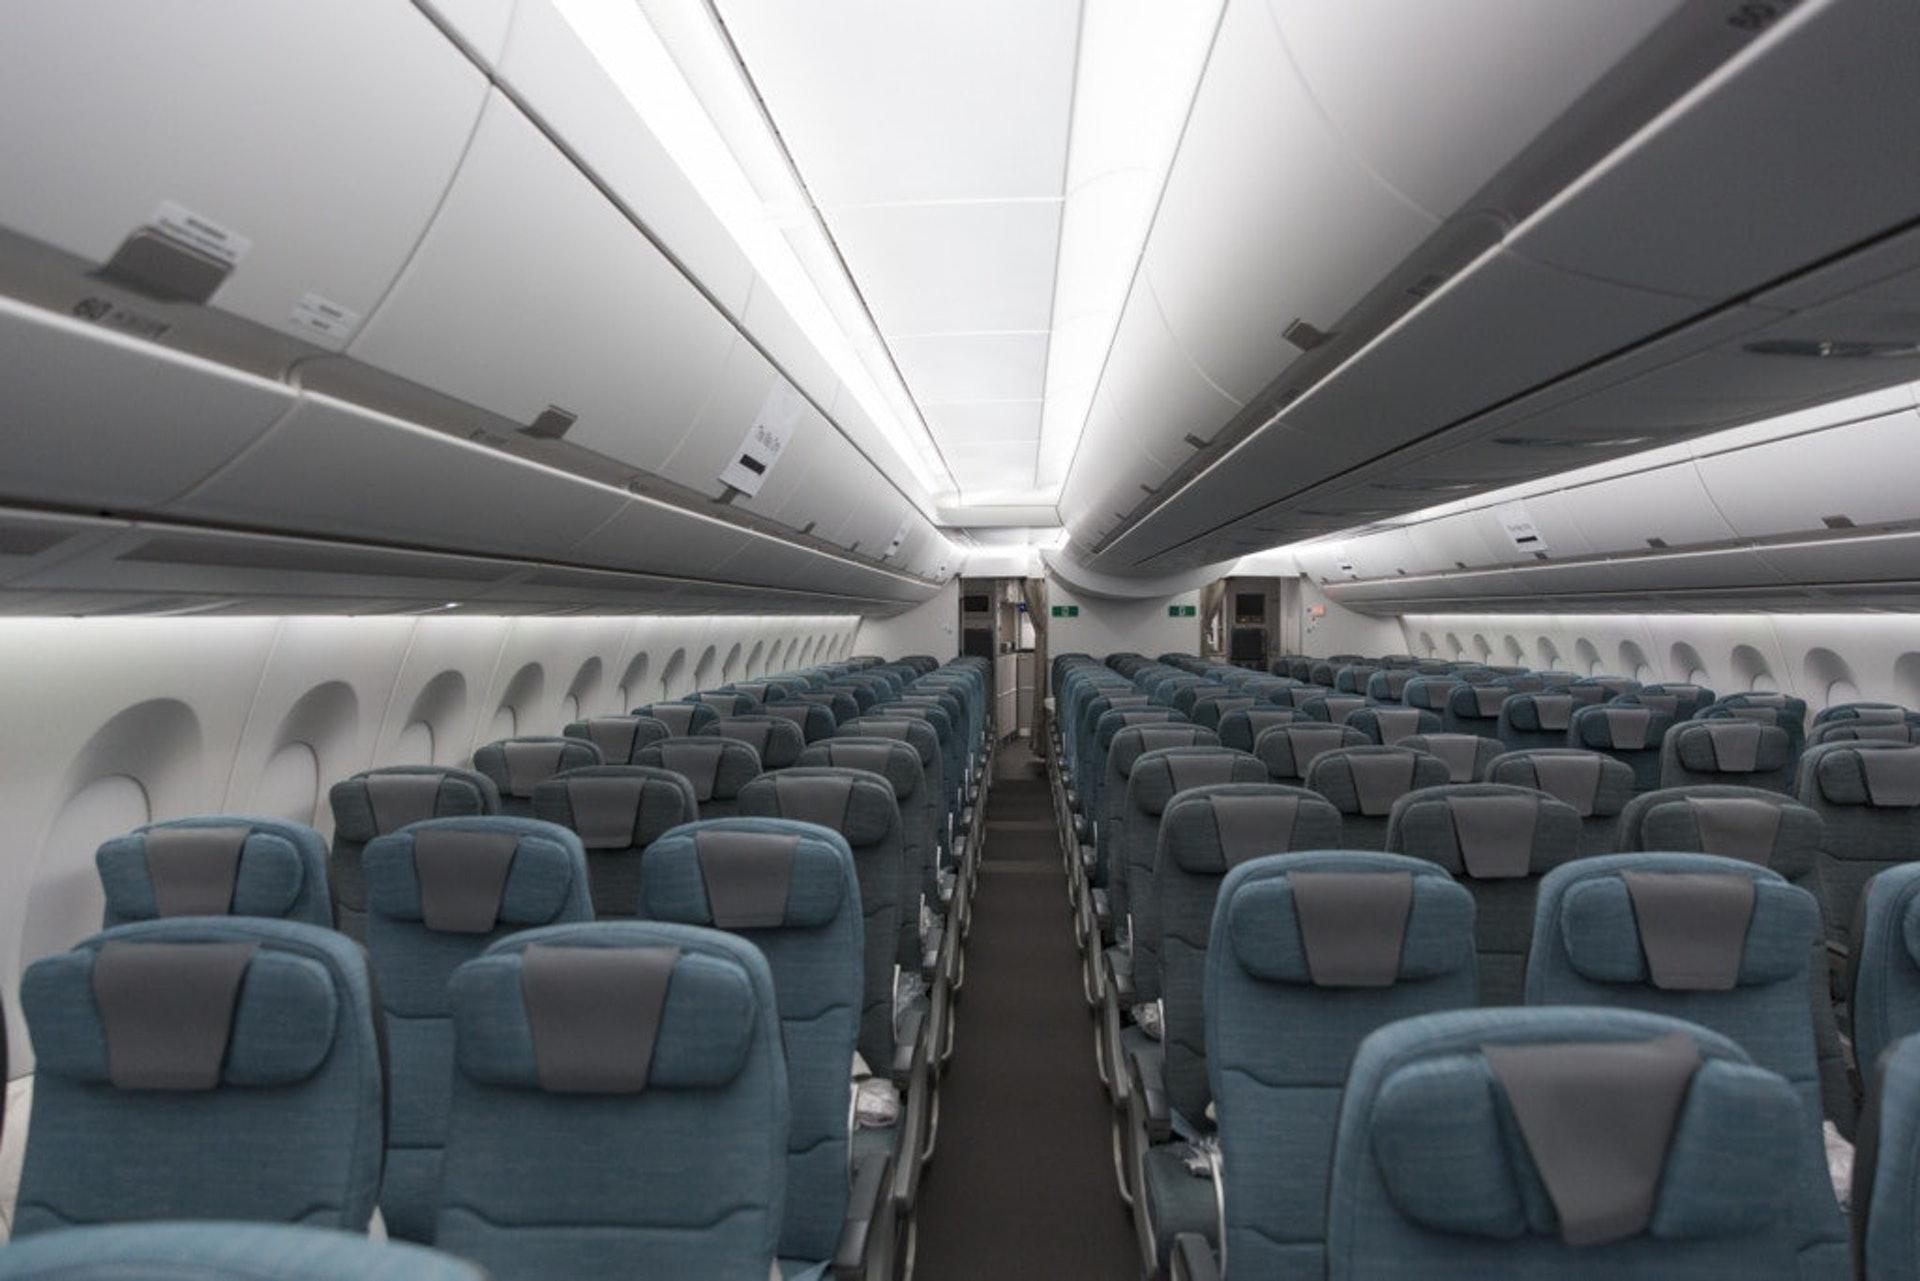 椅背應否挨後,就跟有雞定蛋先一樣,其實只要前座乘客先跟後座示意才往後靠,便會減少磨擦機會。(示意圖,資料圖片)